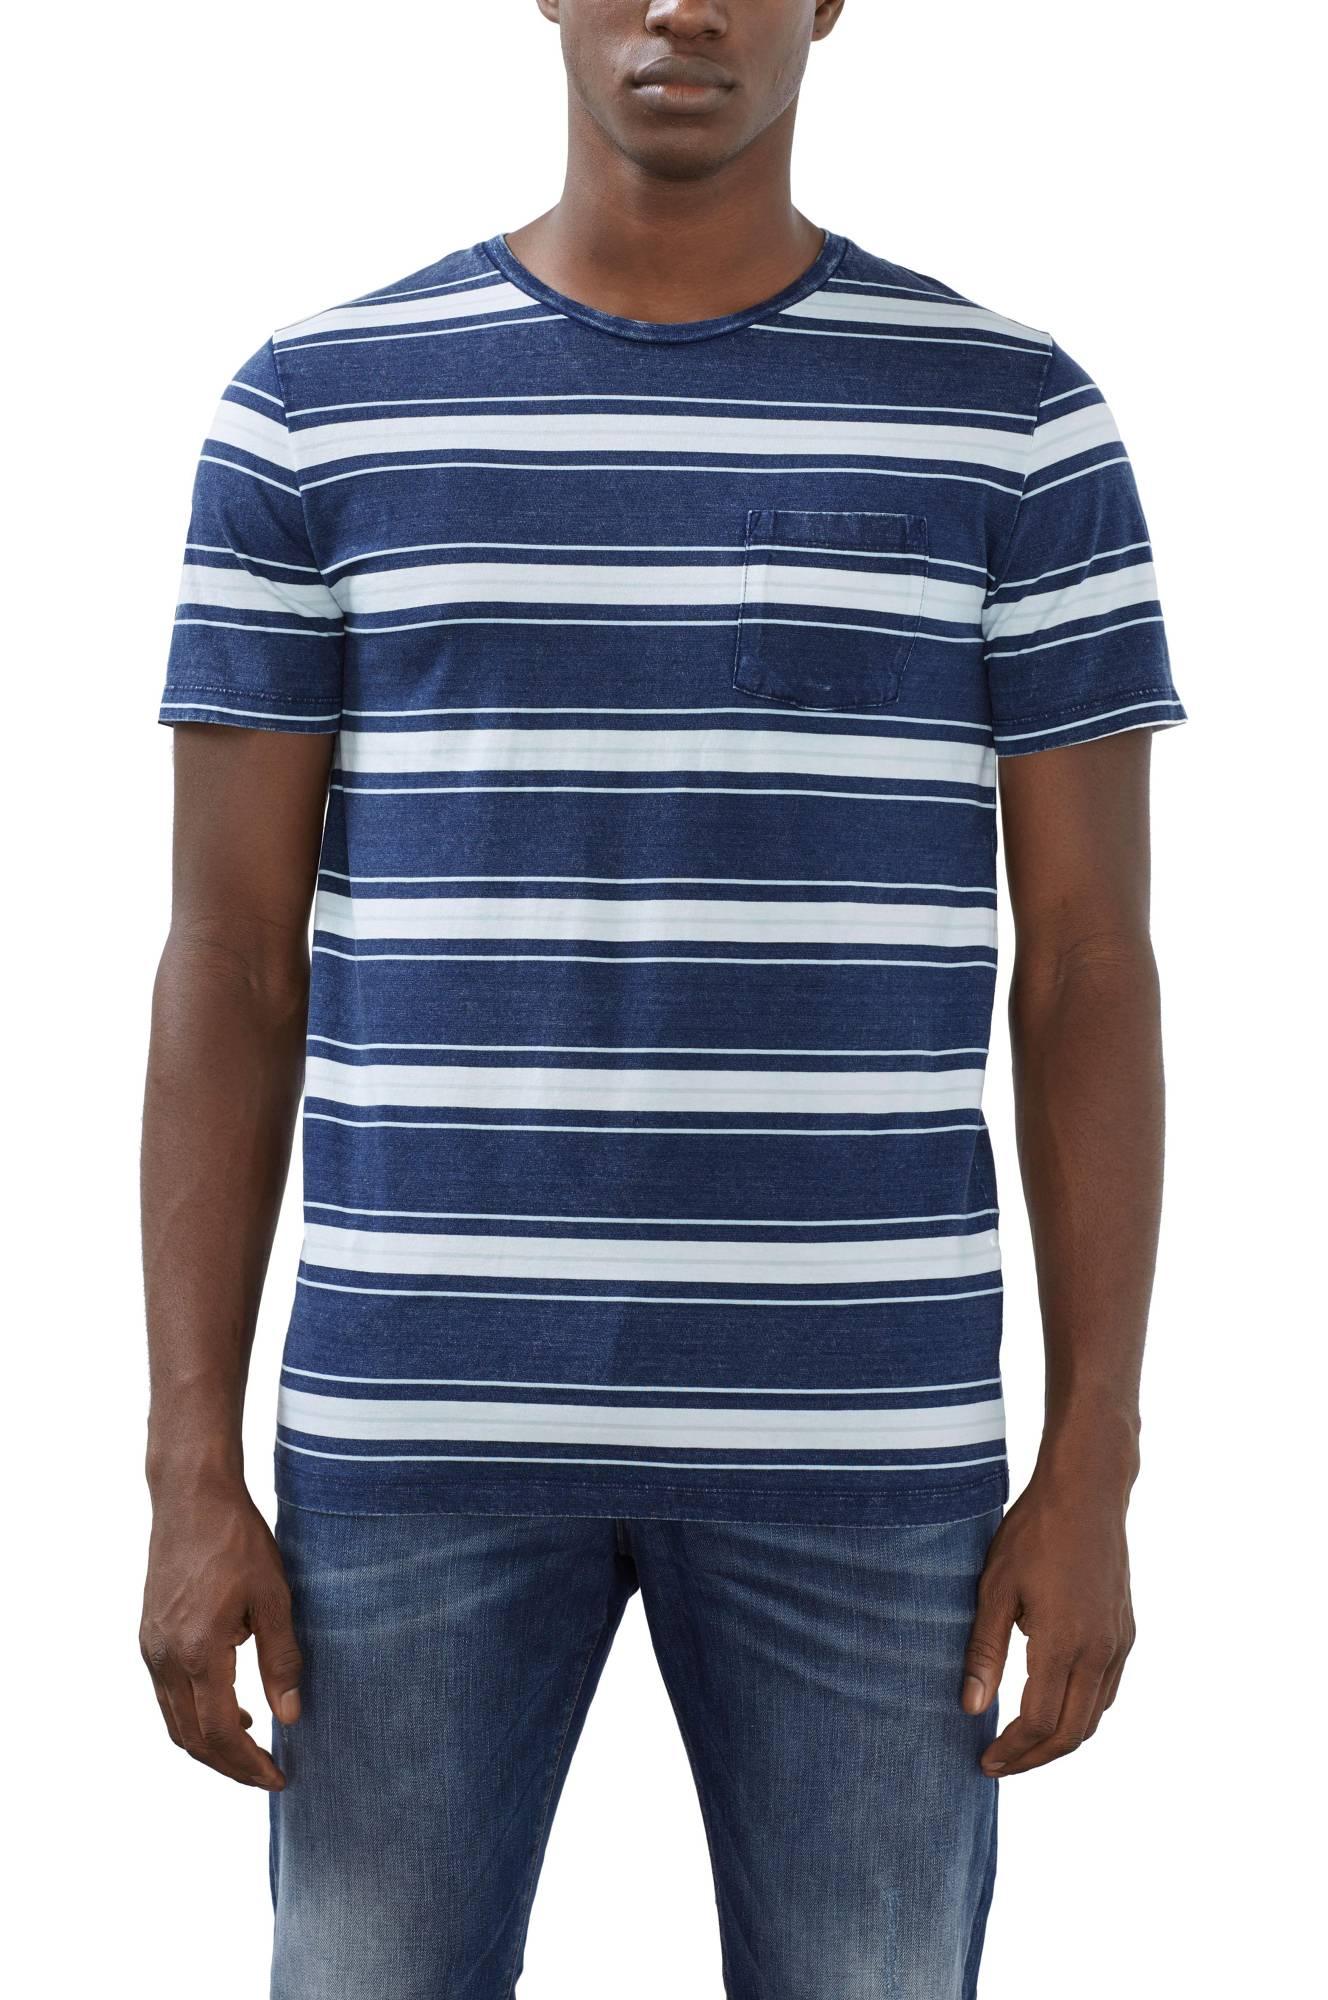 18a7cfc5c64 Stribet T-shirt Esprit T-shirts & tanktoppe til Mænd i Mørkeblå